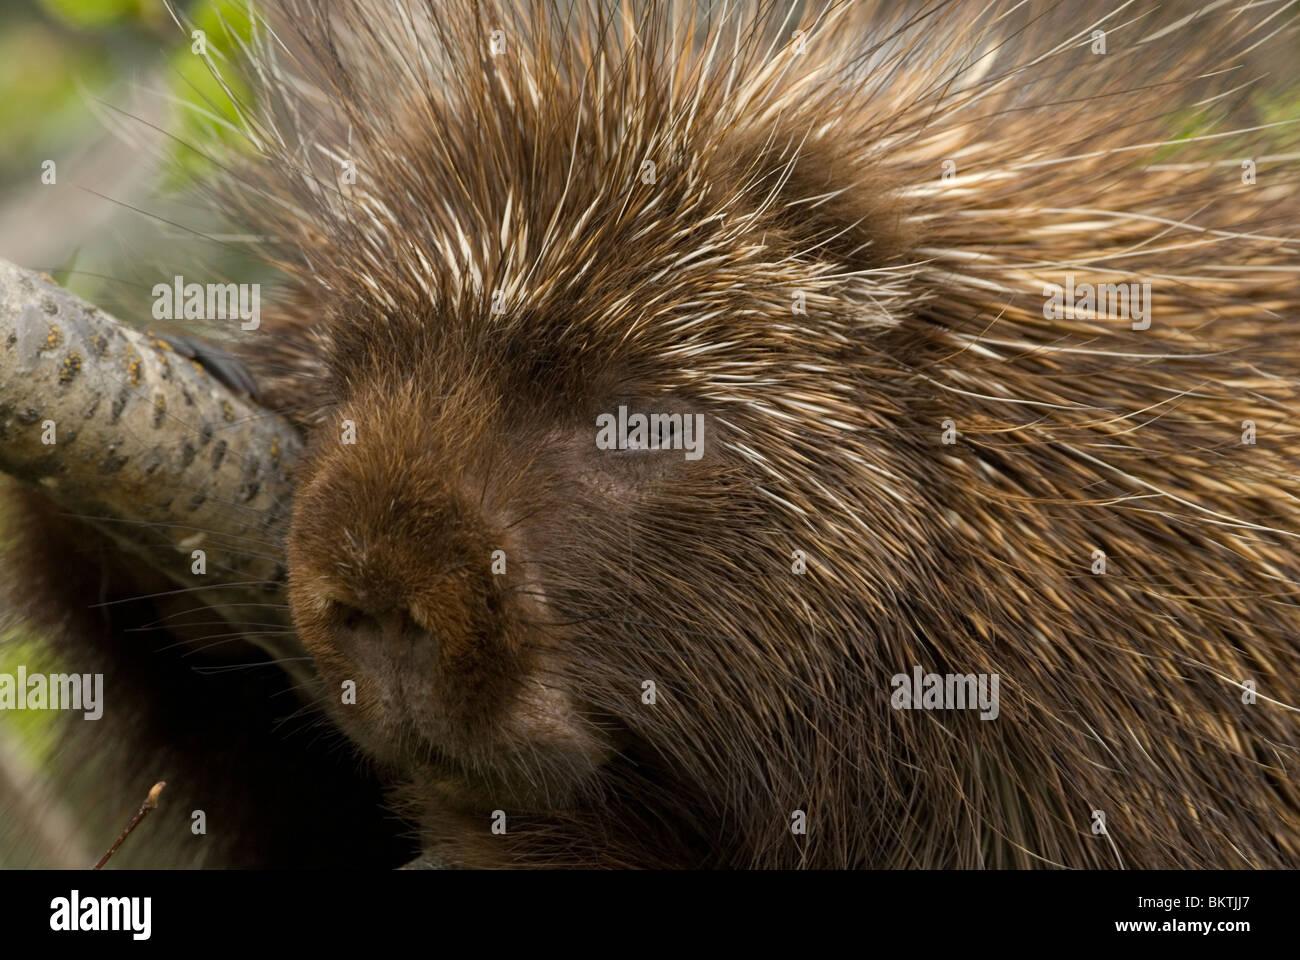 Een close-up van een Noord-Amerikaans Stekelvarken,A close-up of a Porcupine. Stock Photo